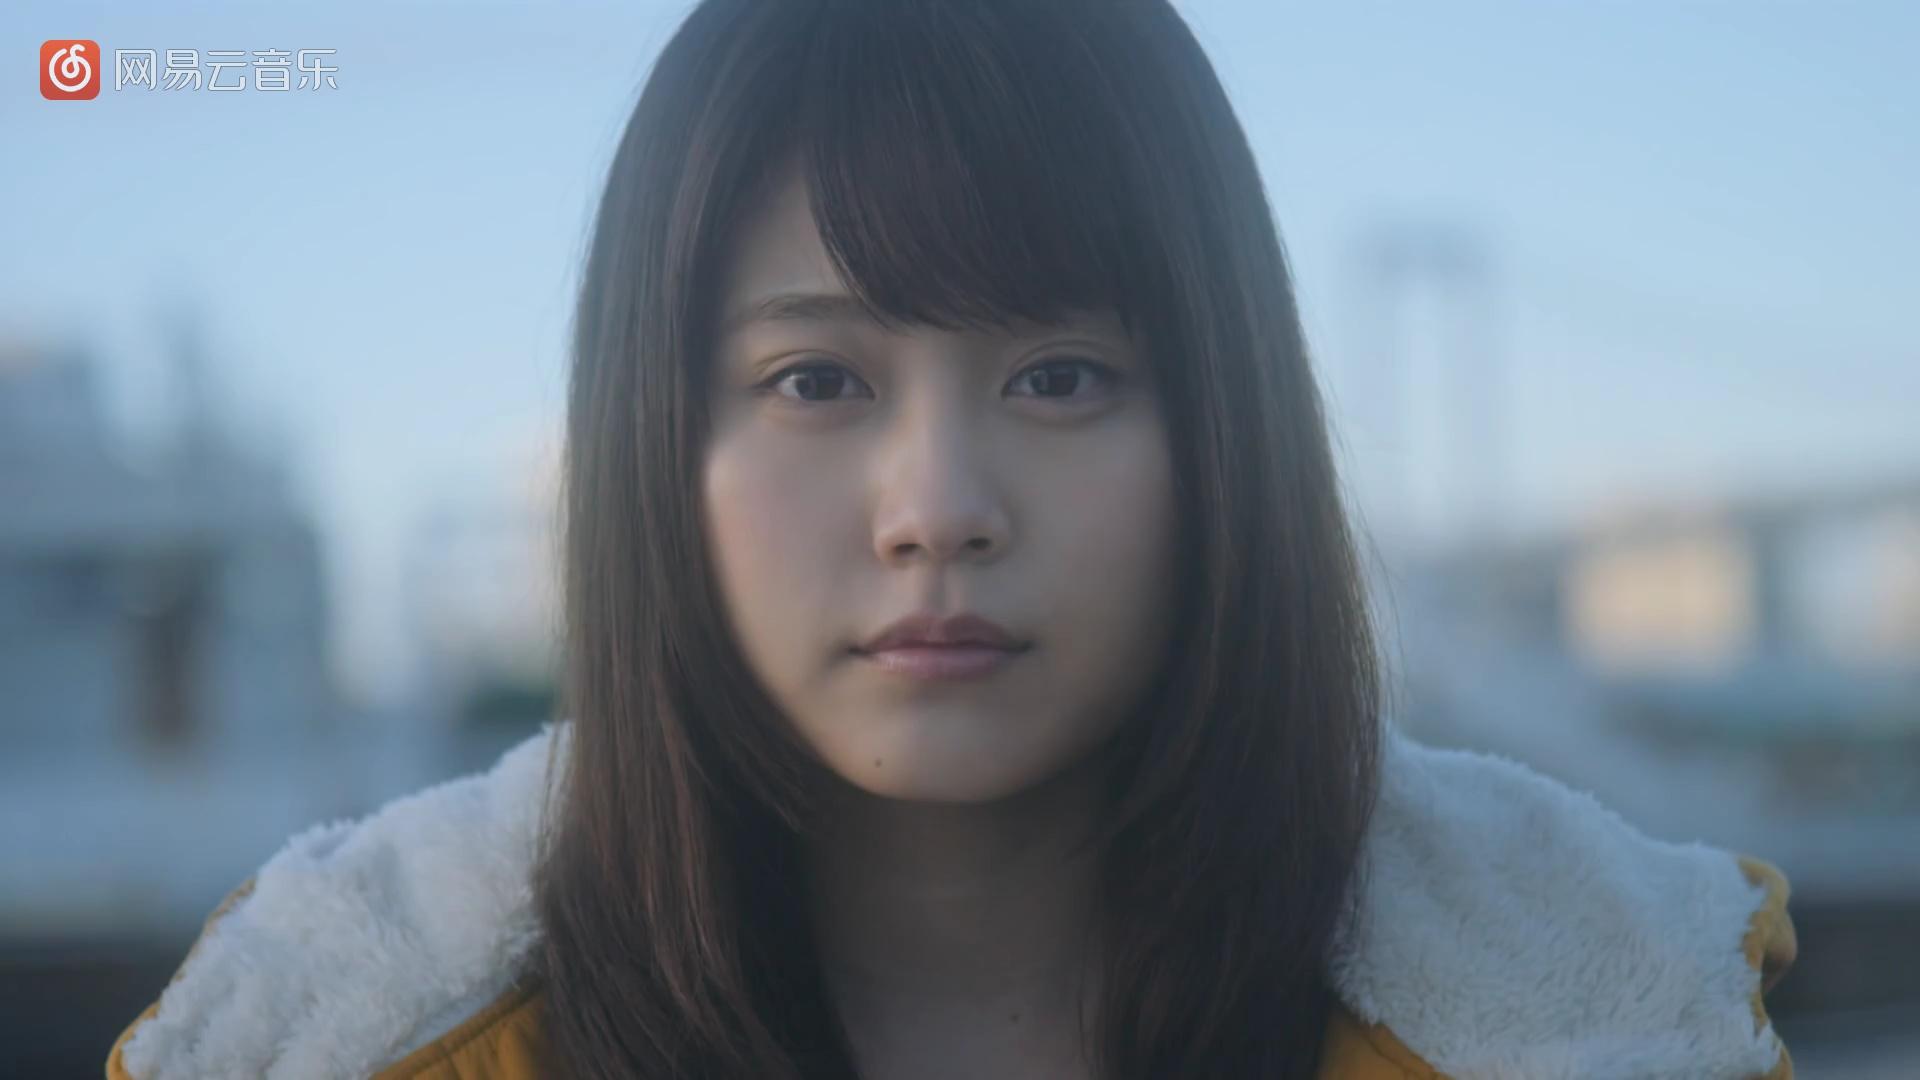 【视频】明日への手紙(ドラマバージョン)-小柚妹站